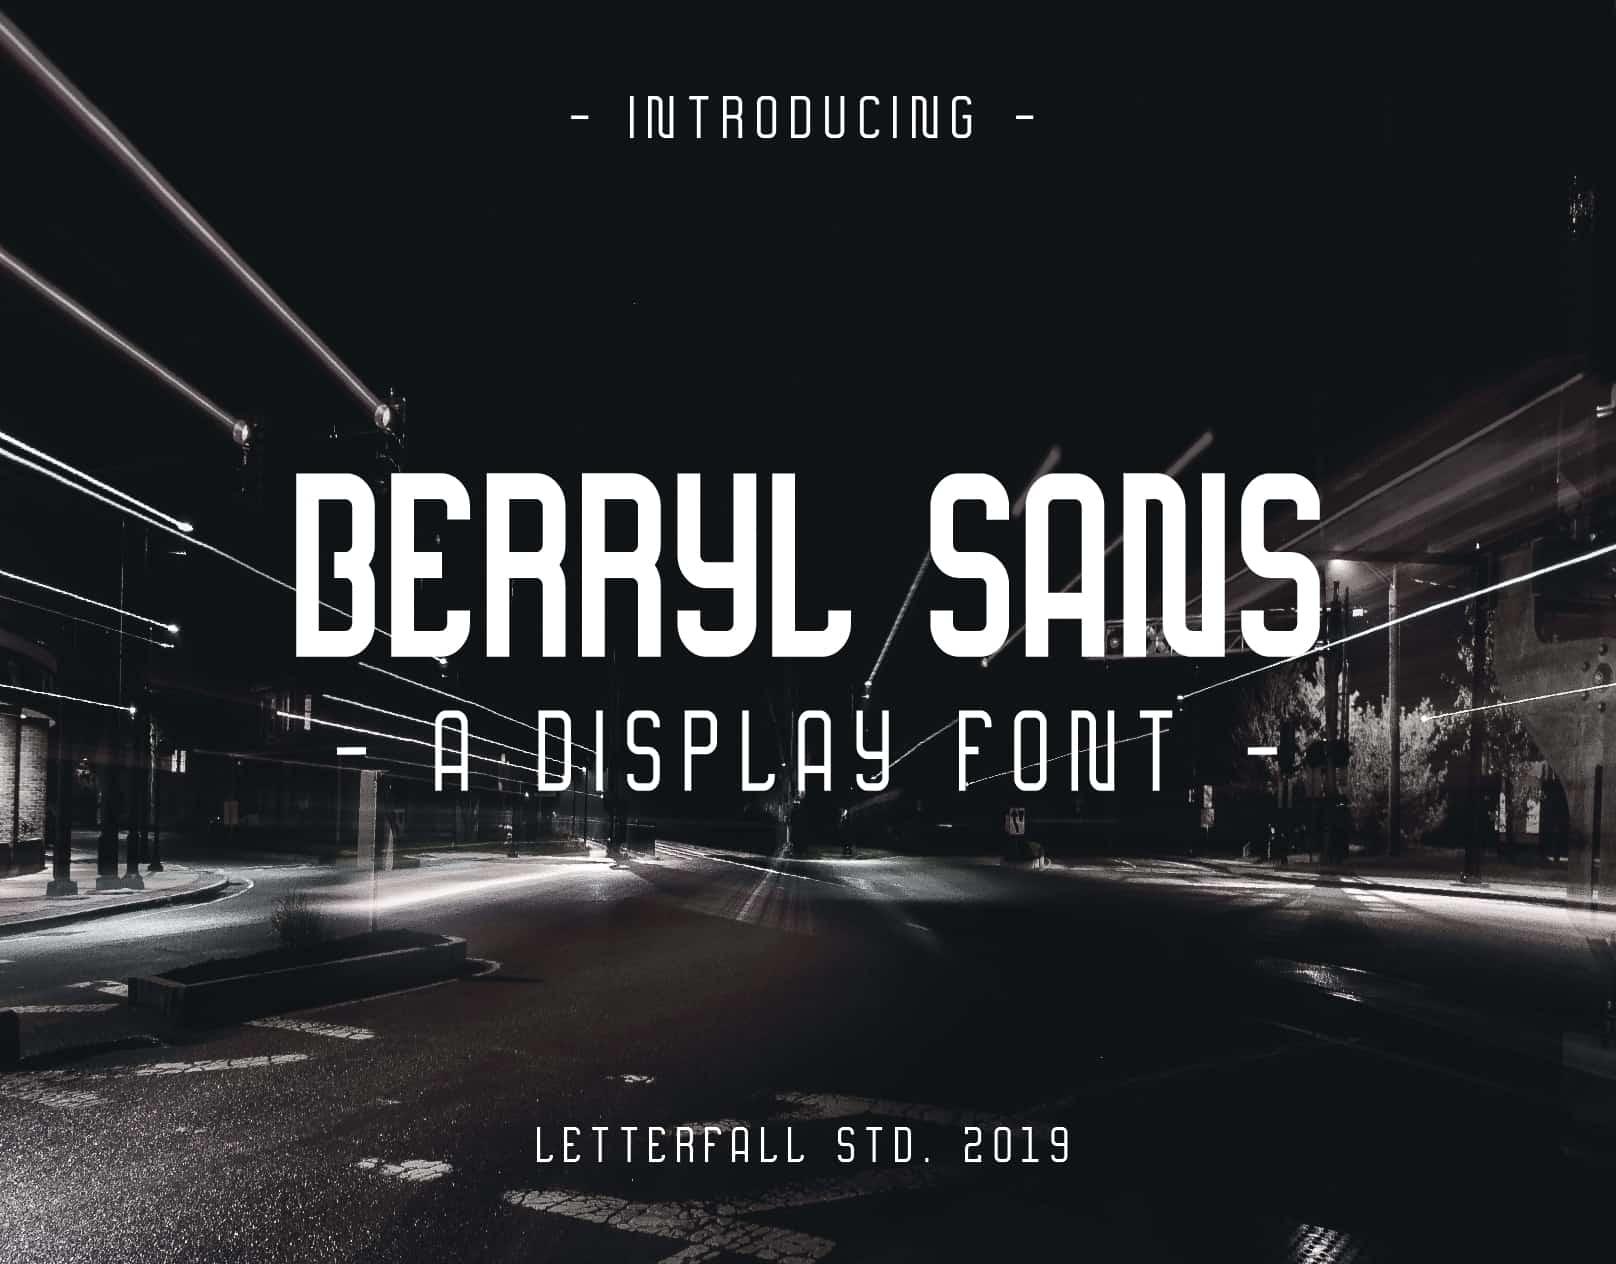 Berryl шрифт скачать бесплатно